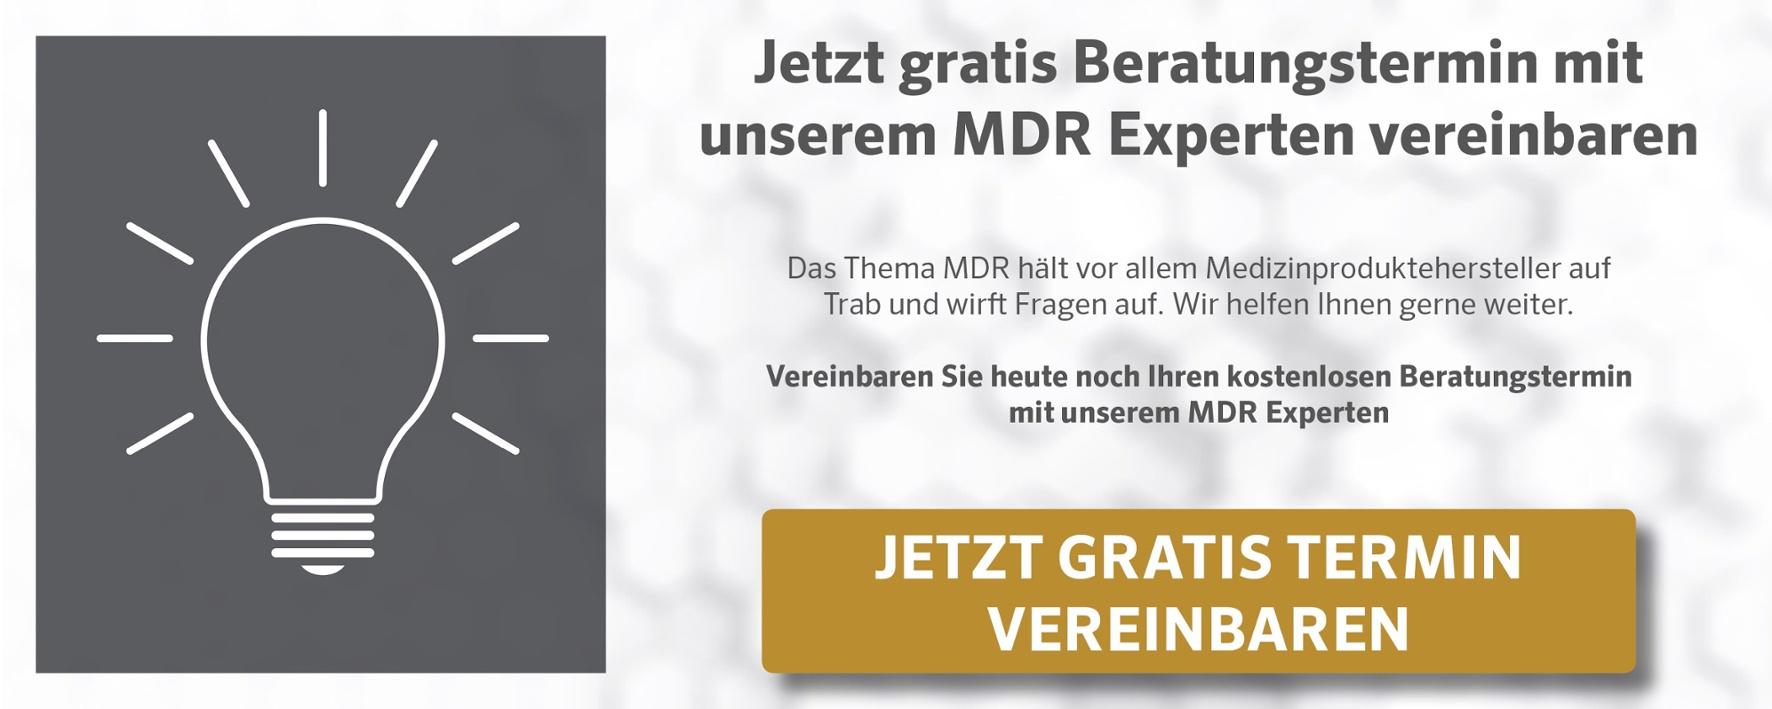 Gratis MDR Beratungstermin vereinbaren